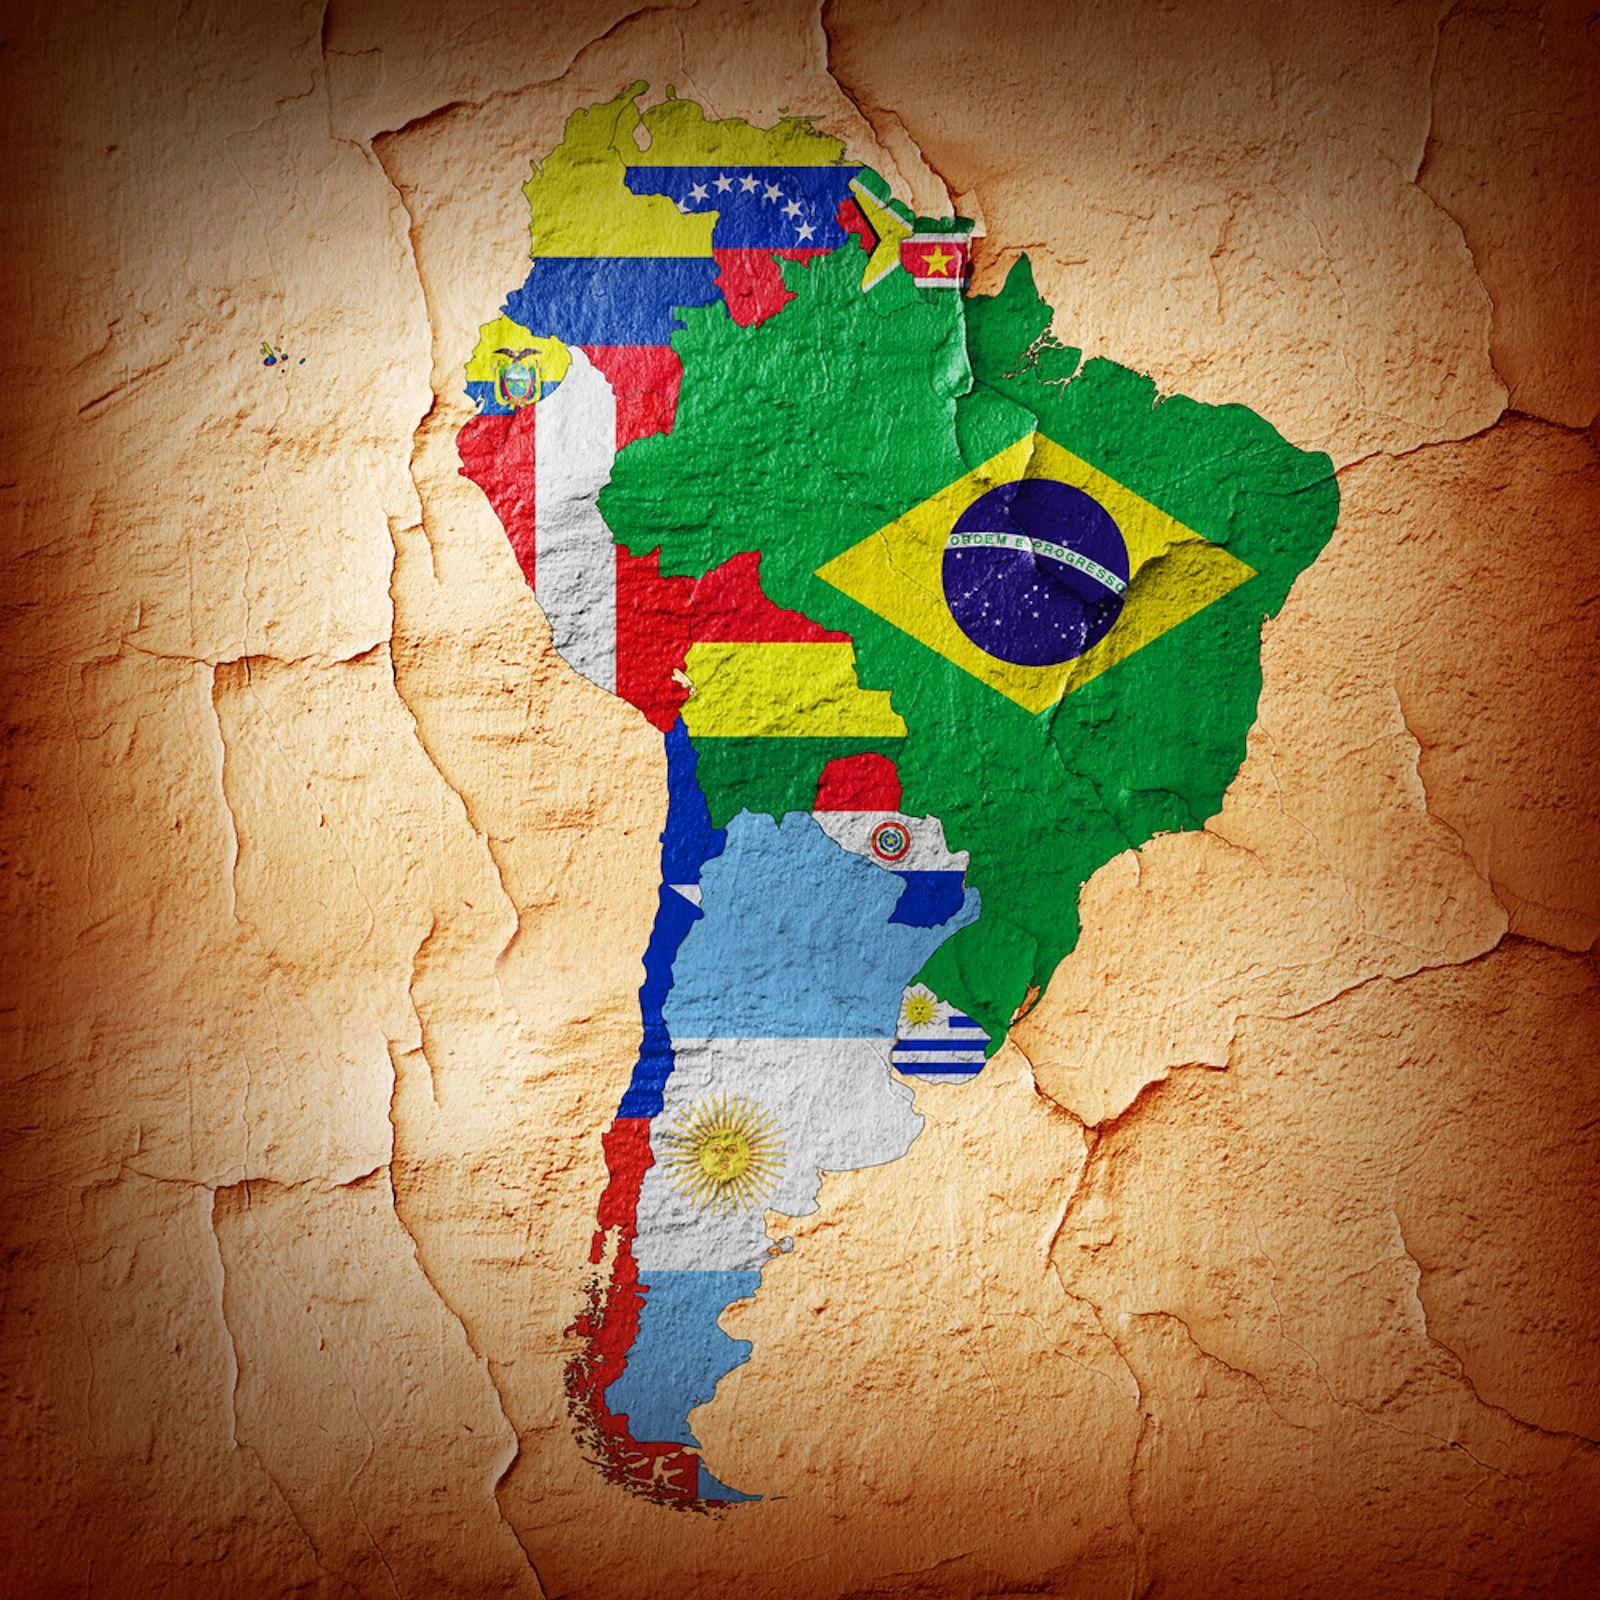 одно картинки стран латинской америки место, где встречаются